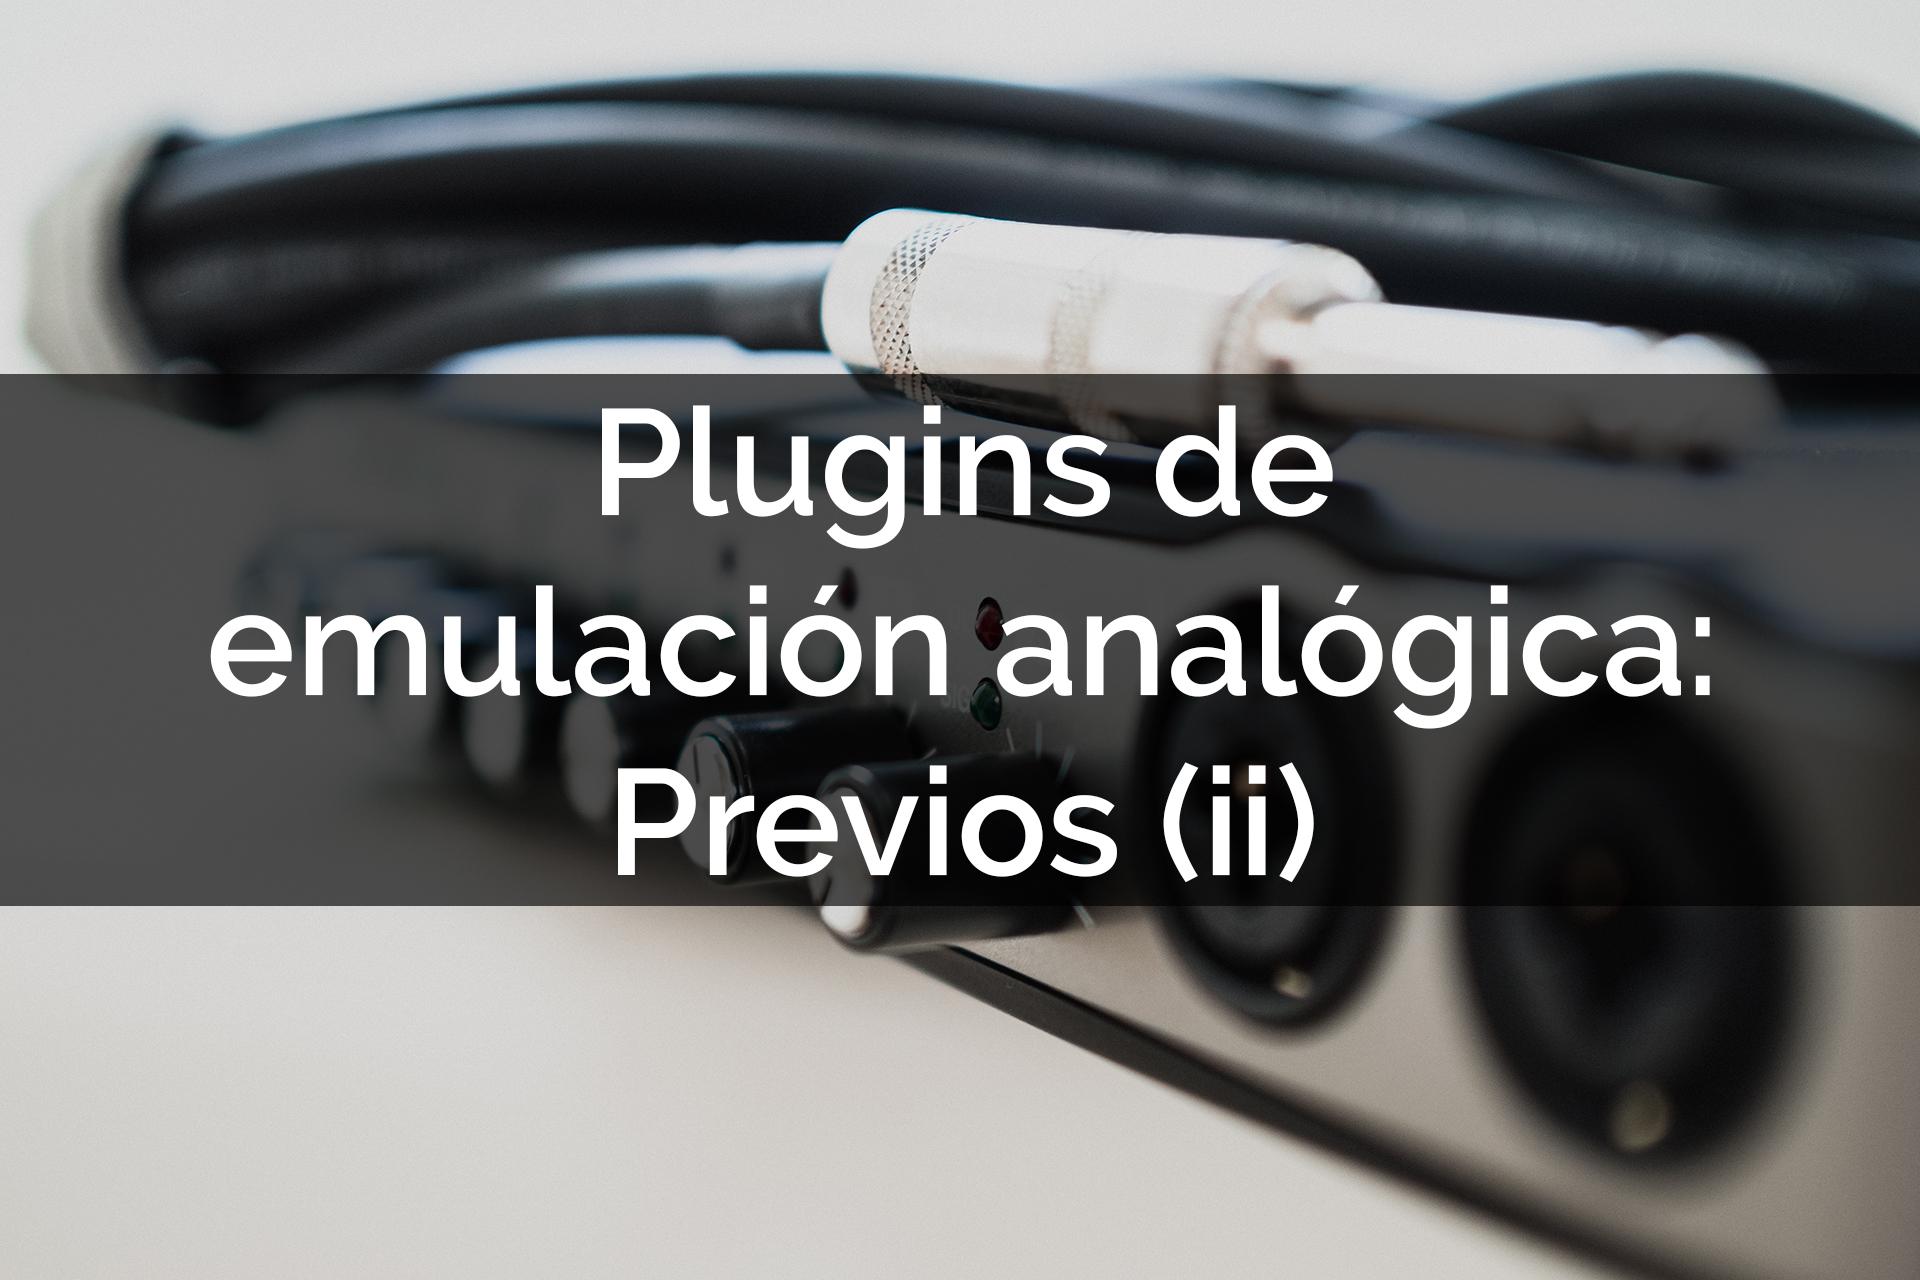 PLUGINS DE EMULACION ANALOGICA PREVIOS Javhastudios